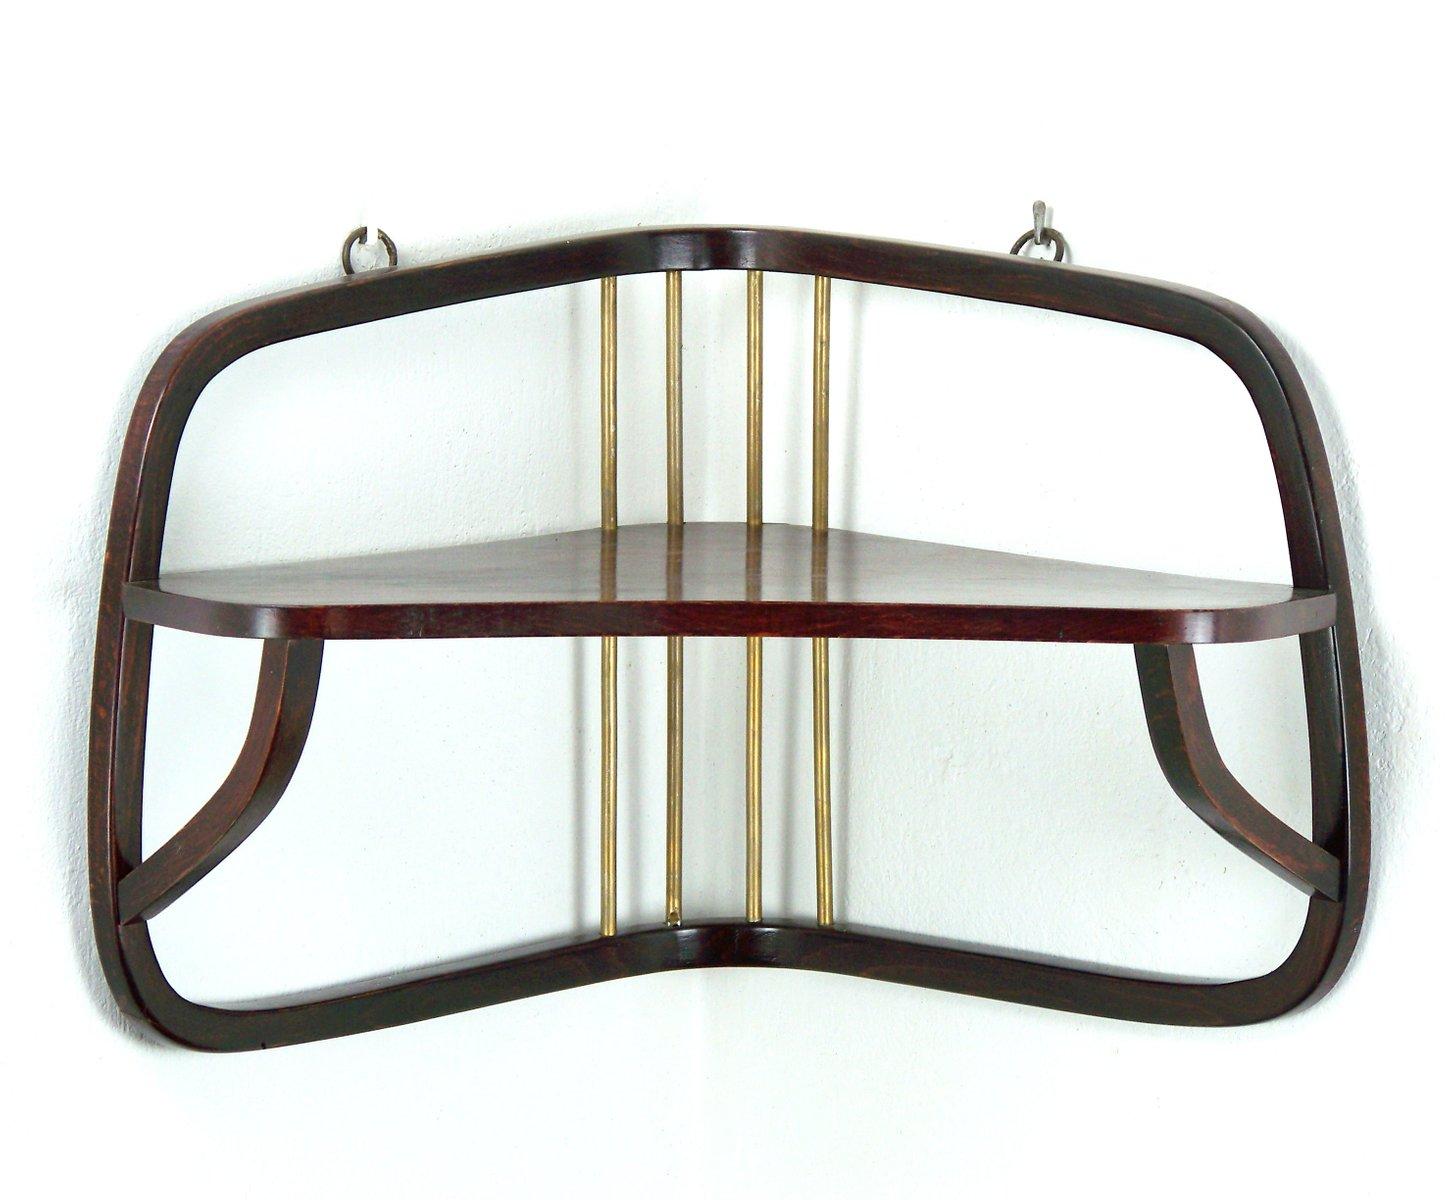 h ngende wiener sezession no 58 ablage von thonet 1900er bei pamono kaufen. Black Bedroom Furniture Sets. Home Design Ideas